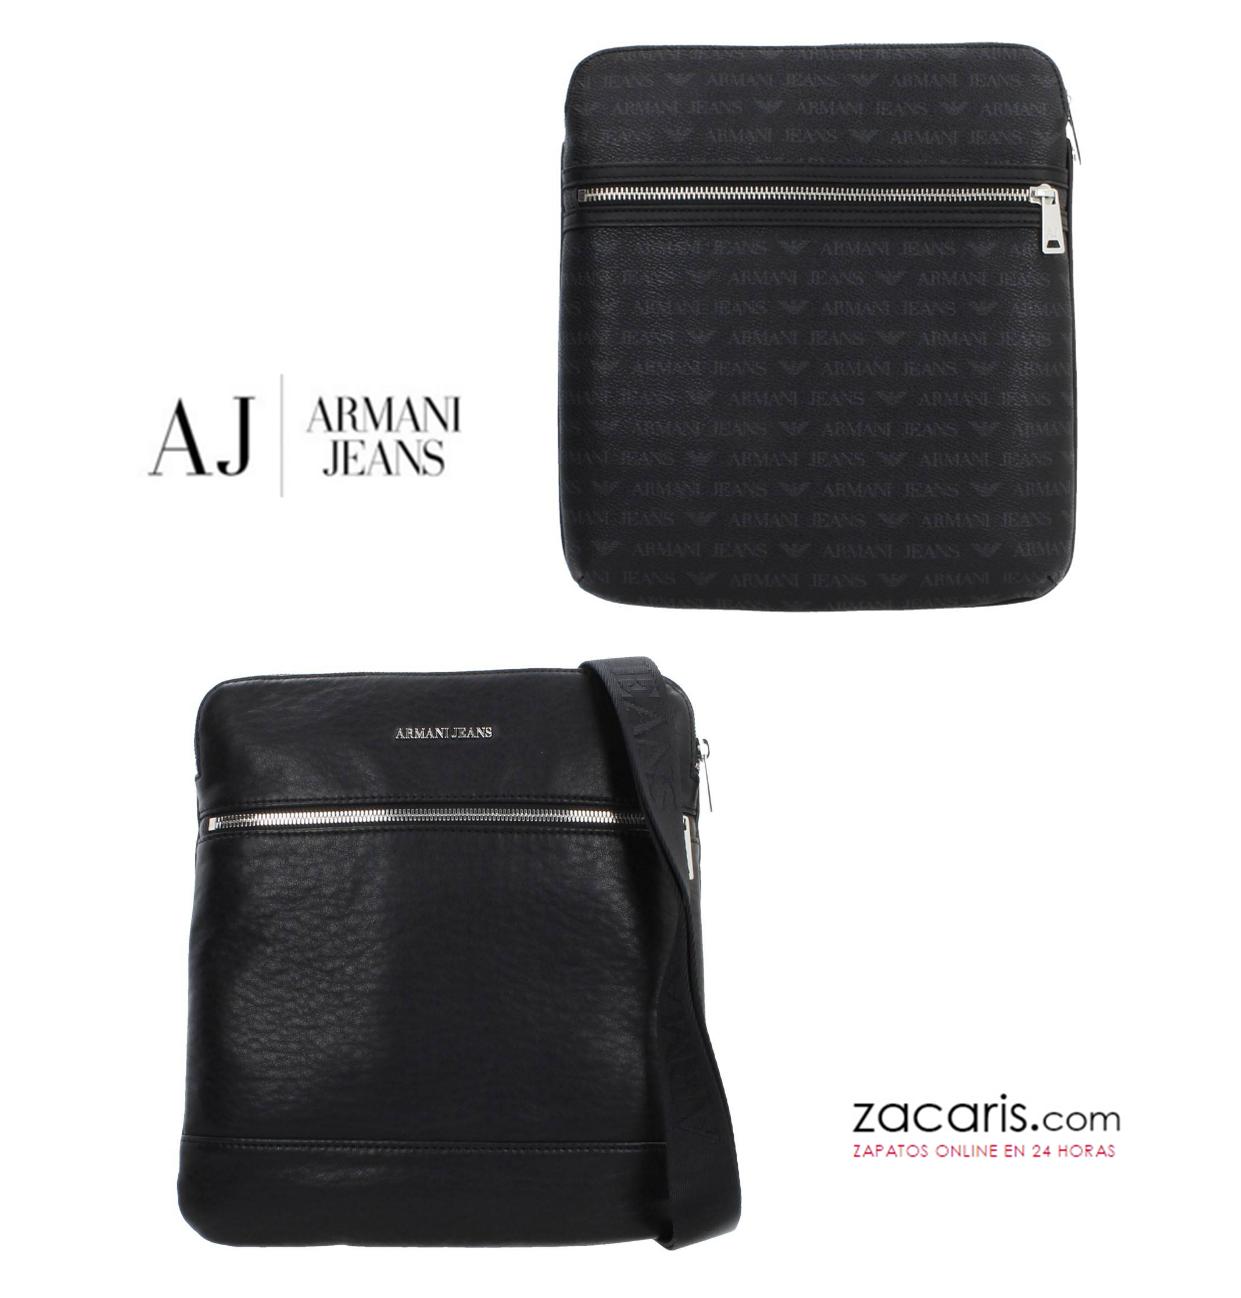 ecf3af64a4ed9 Recién llegada la nueva colección de bolsos para chico de Armani Jeans.  ¿Cual prefieres